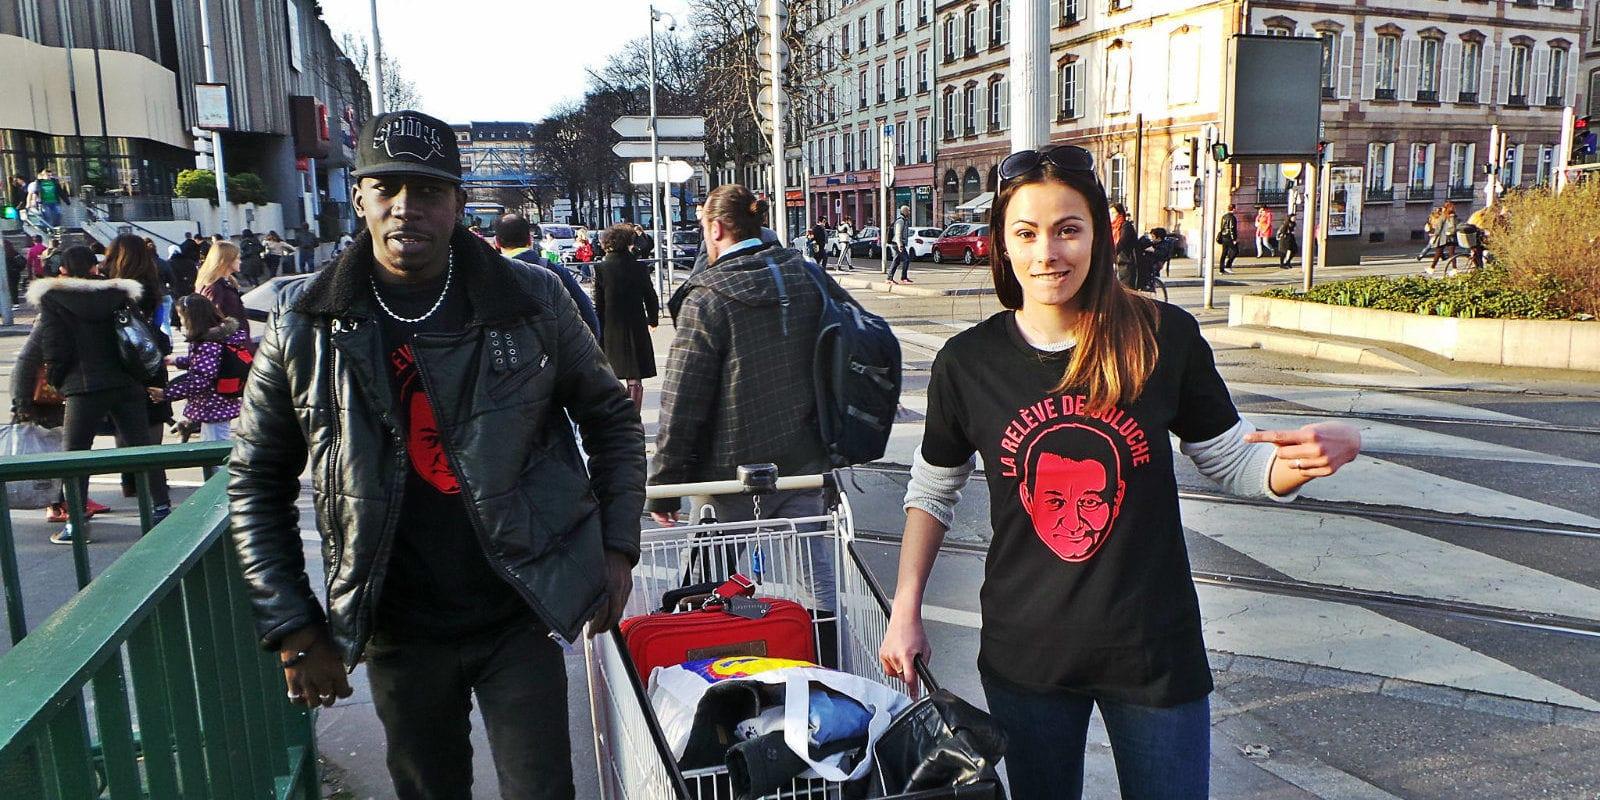 Comment des jeunes, passionnés de hip-hop, s'ajoutent aux tournées en faveur des sans-abris à Strasbourg